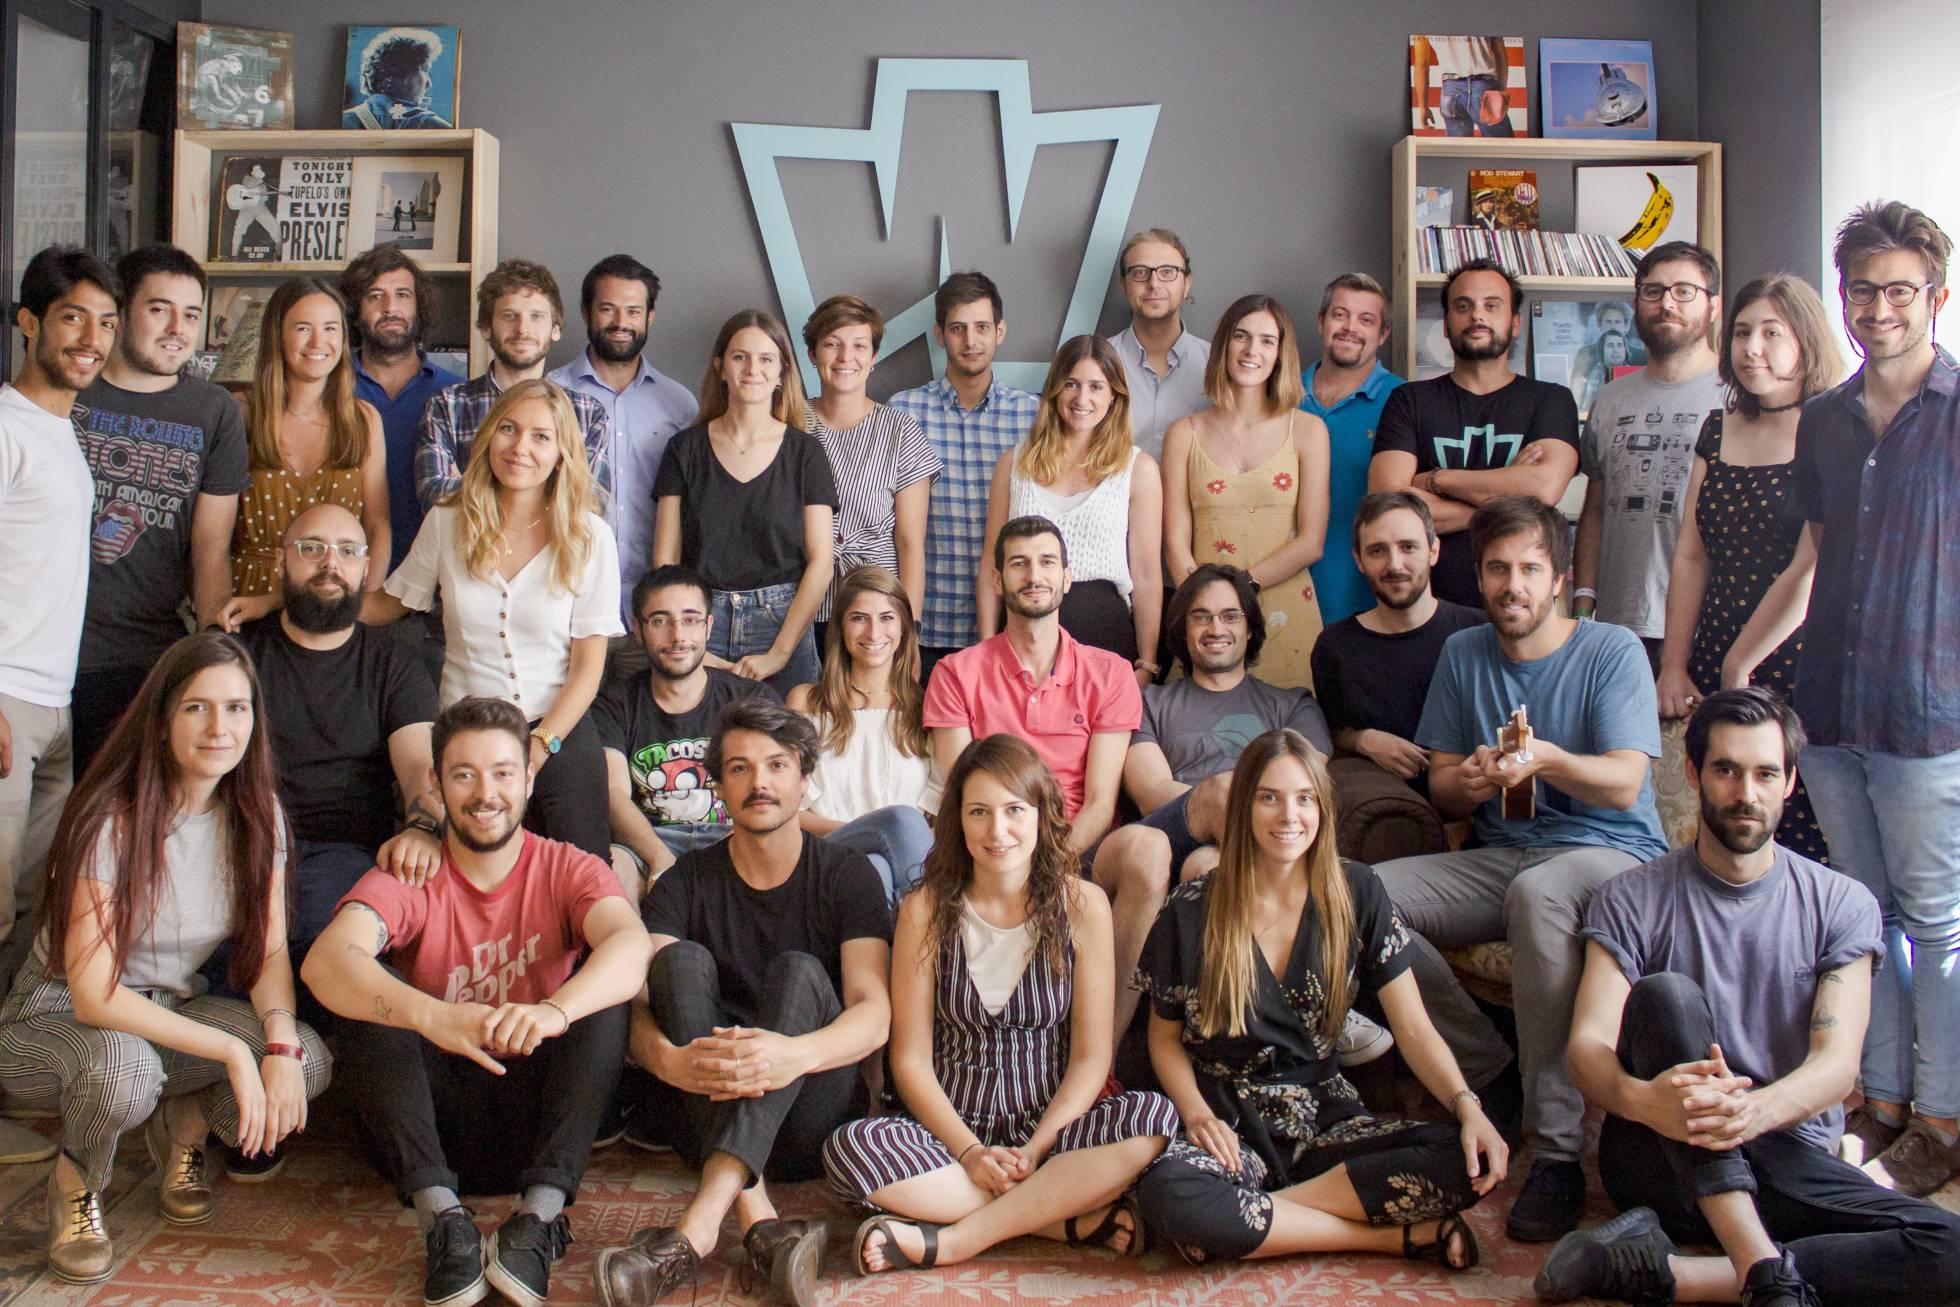 Баскская цифровая платформа Wegow объединяет любителей концертов и фестивалей